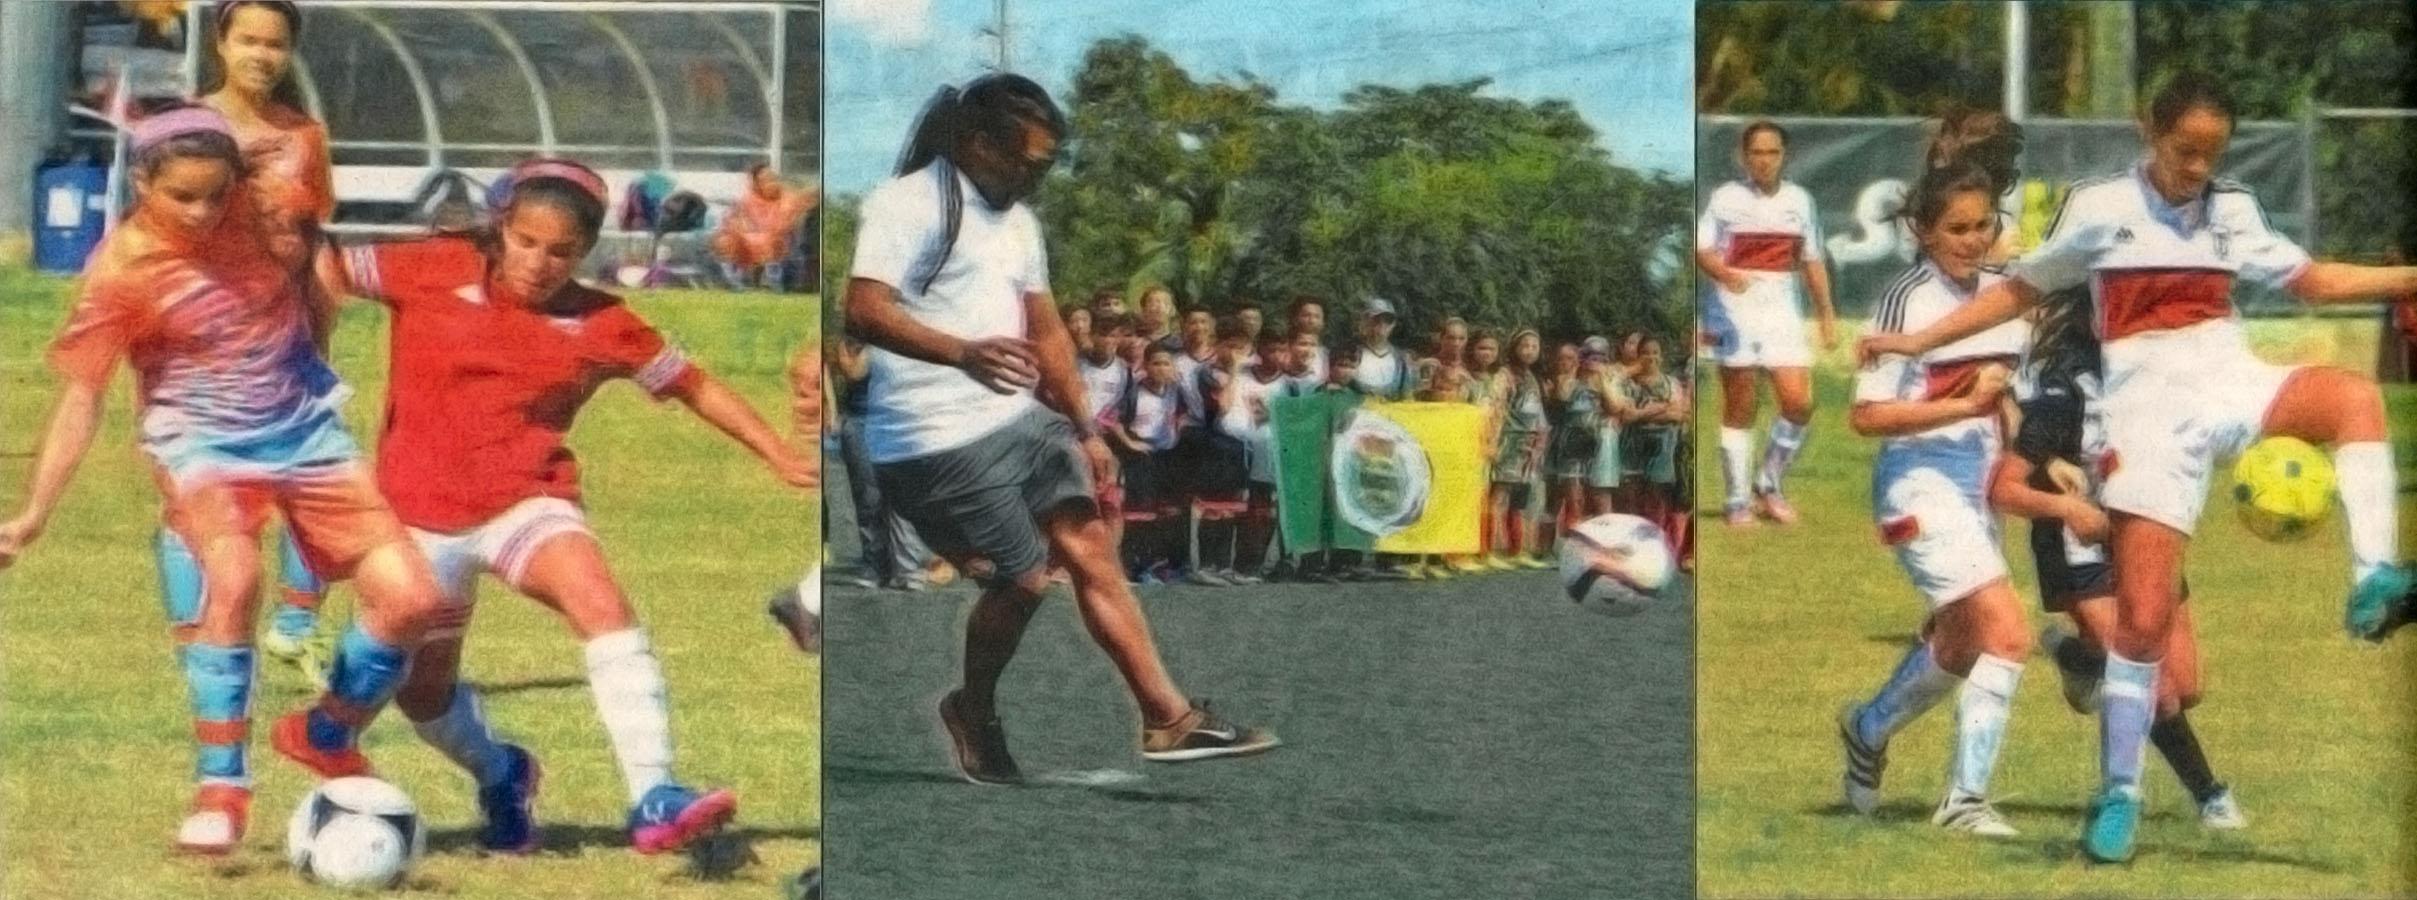 Concurrido Torneo Pimavera de la Liga Fútbol